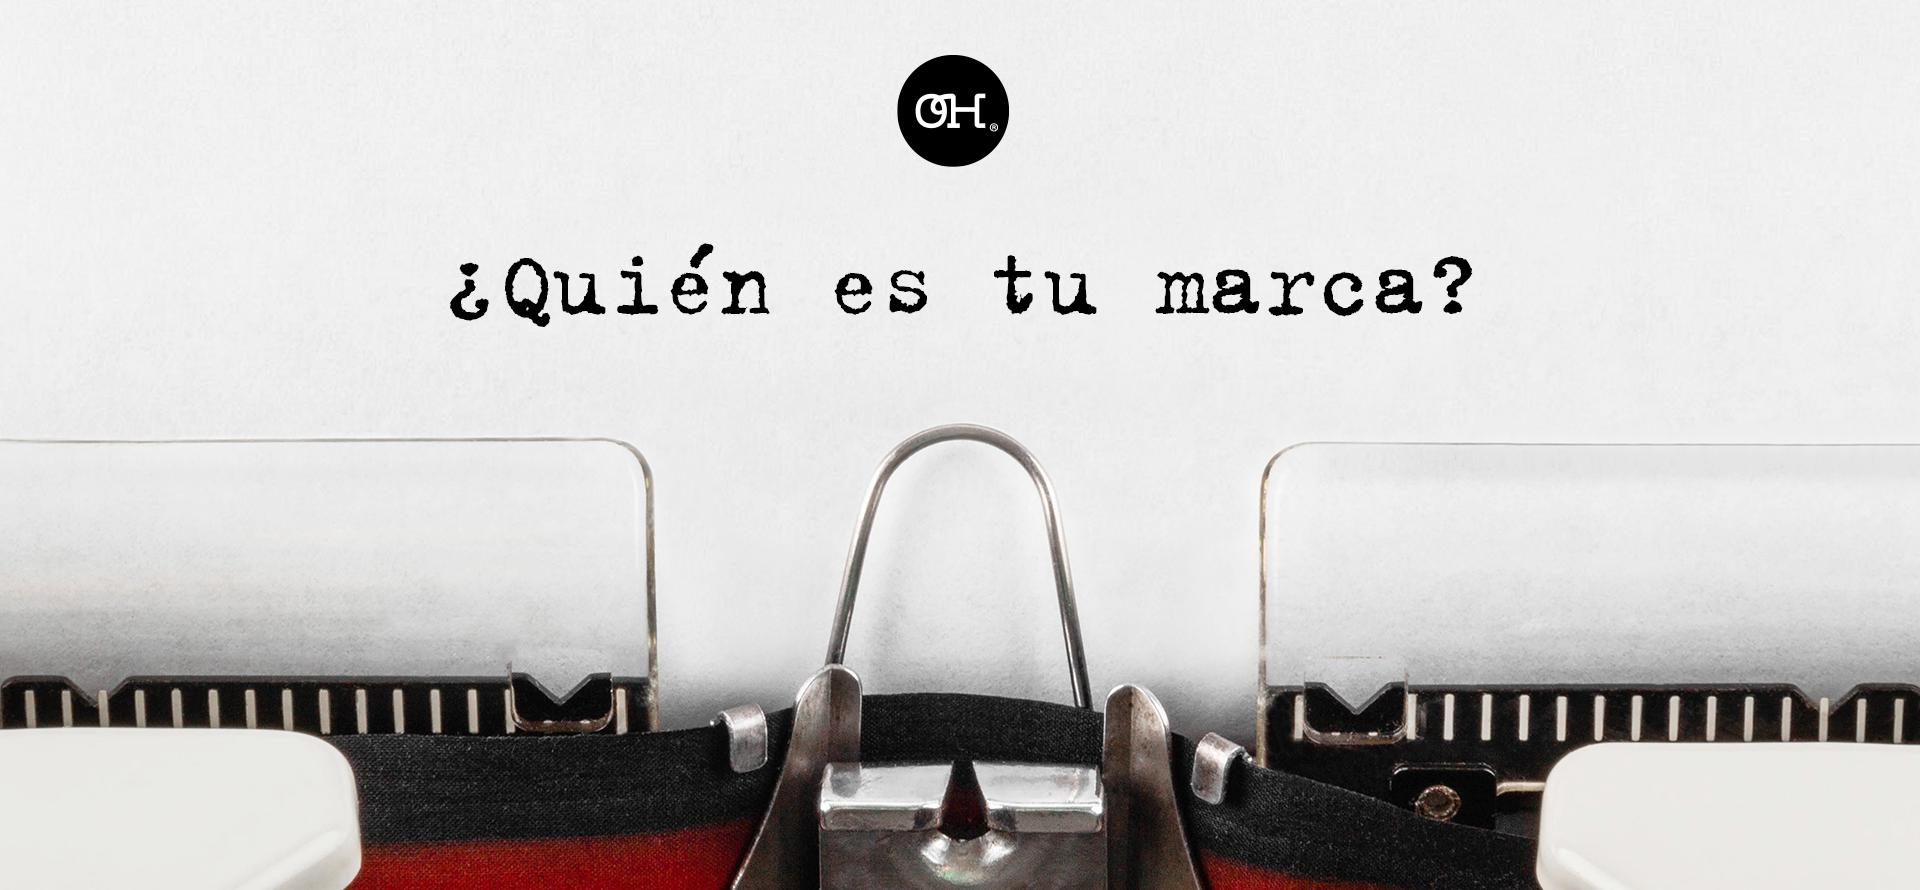 imagen de una maquina de escribir con el texto ¿quién es tu marca?